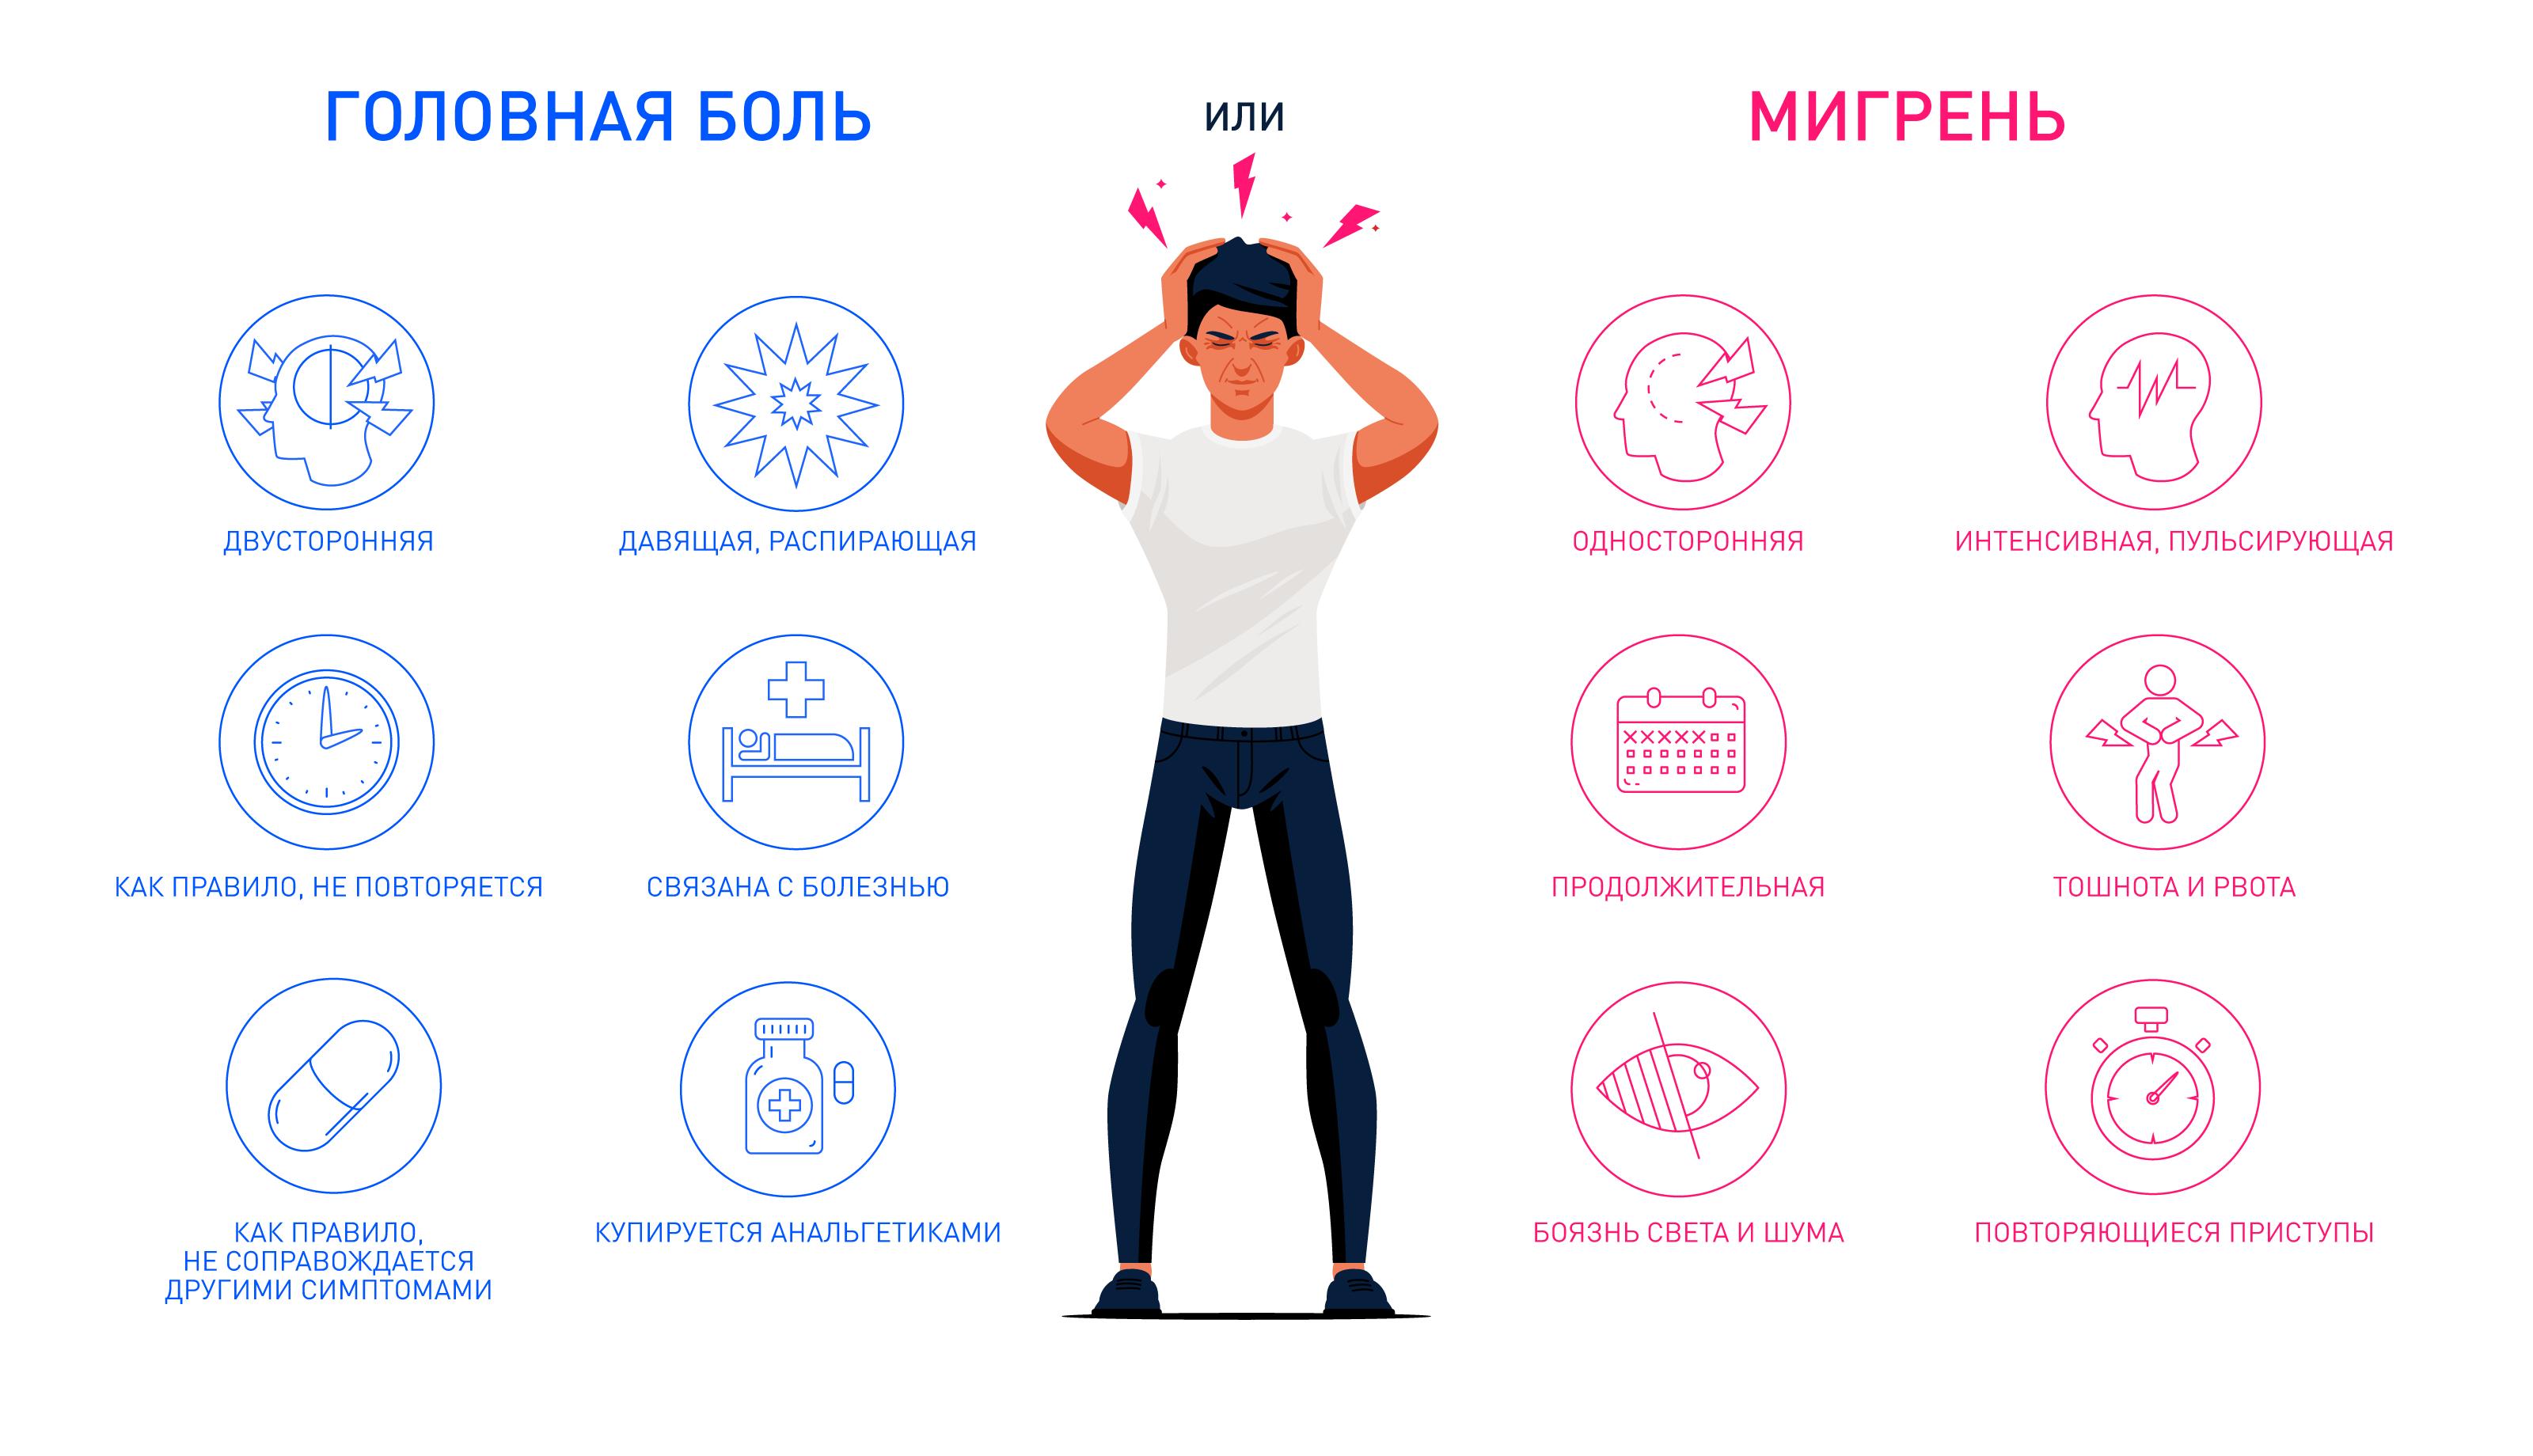 Мигрень и головная боль: в чем отличие?